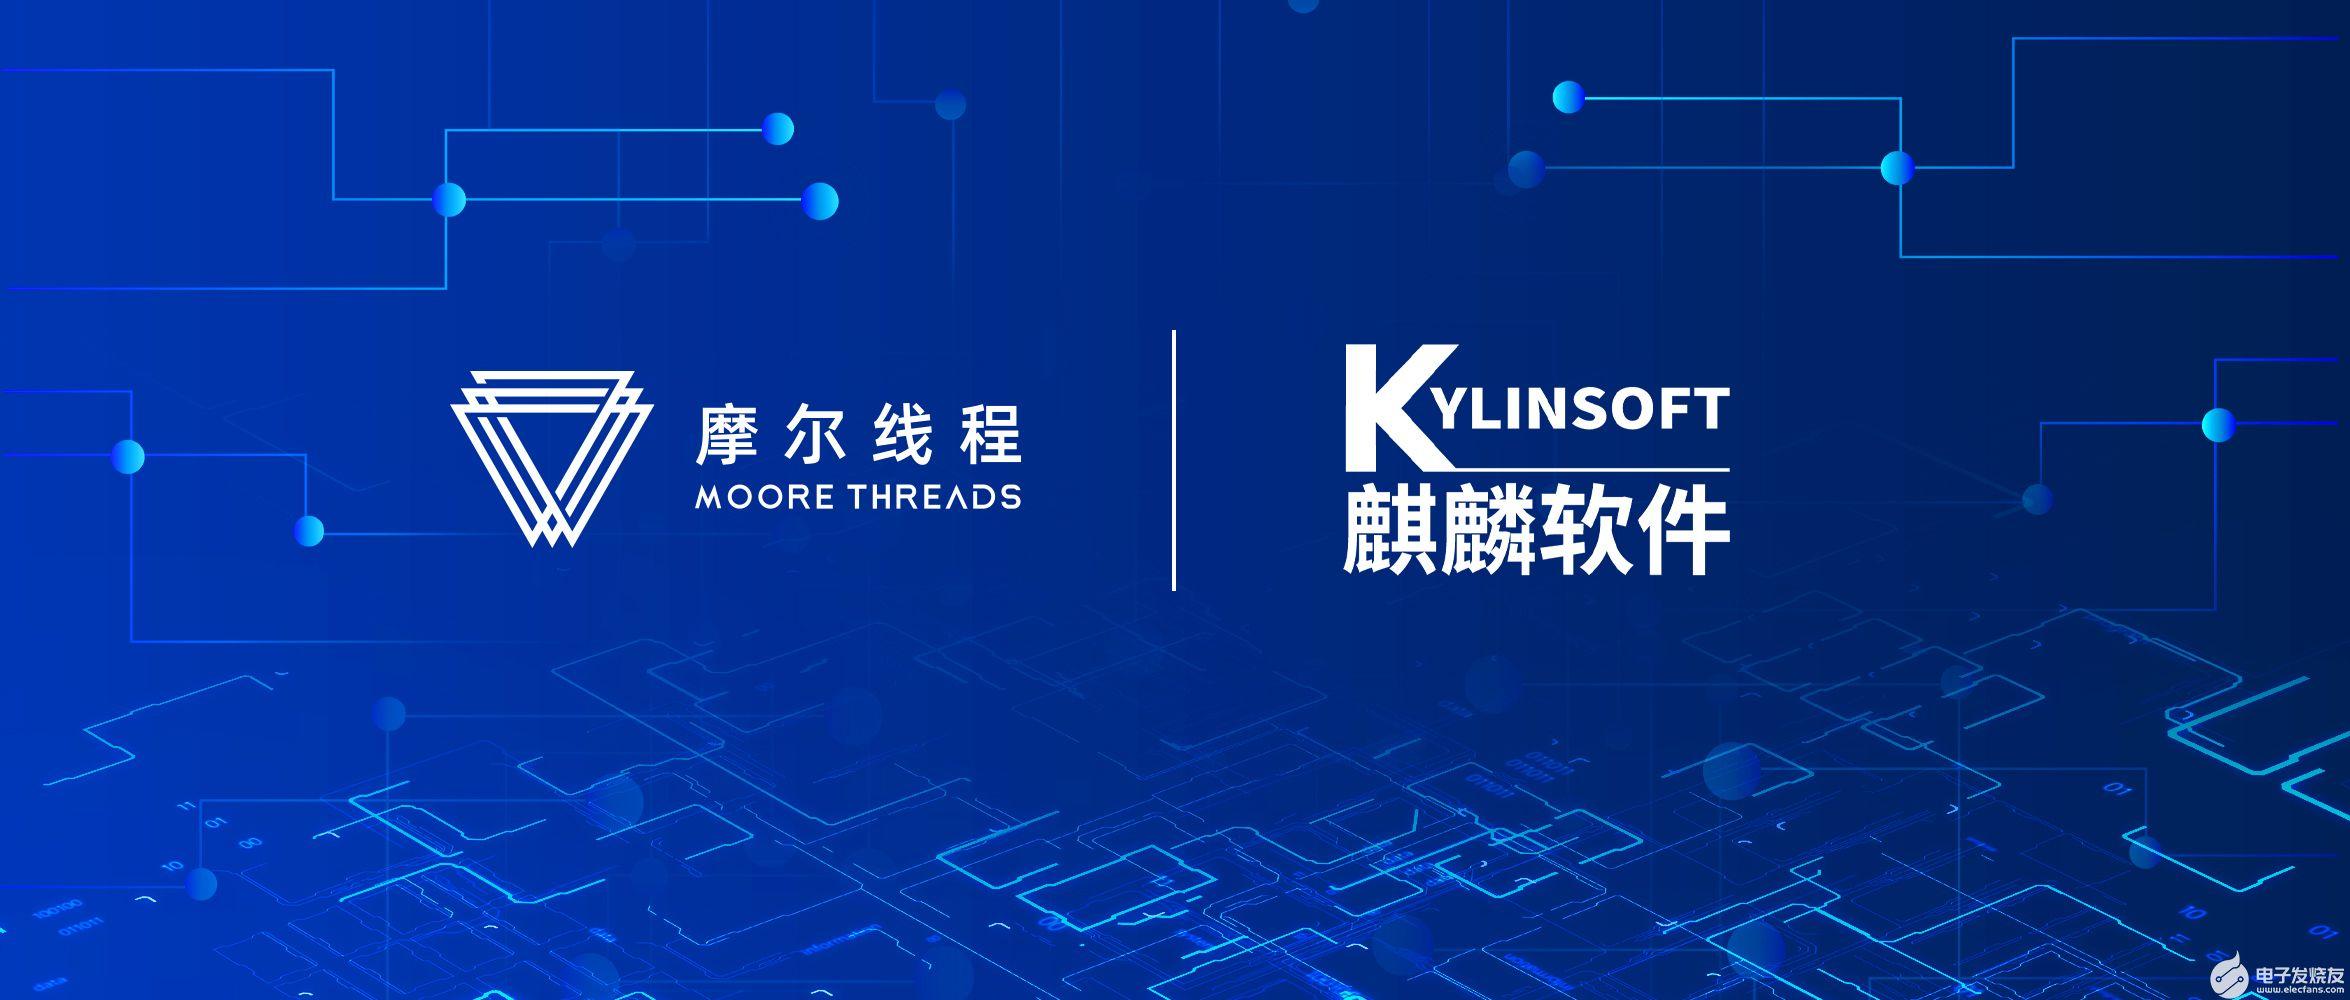 """摩尔线程携手麒麟软件共同打造中国""""完美体验系统"""""""